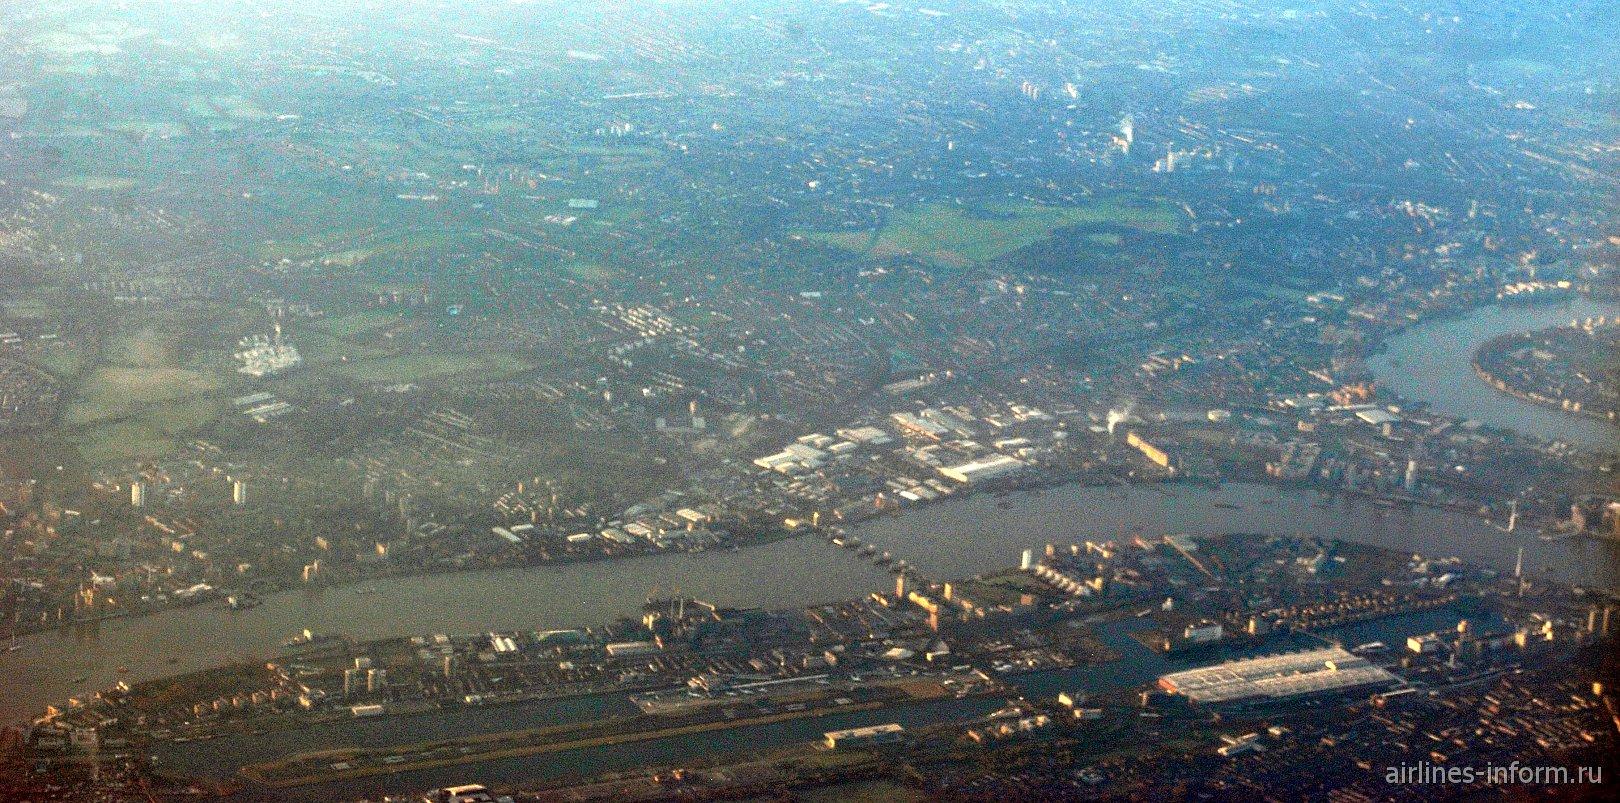 Вид сверху на аэропорт Лондон-Сити